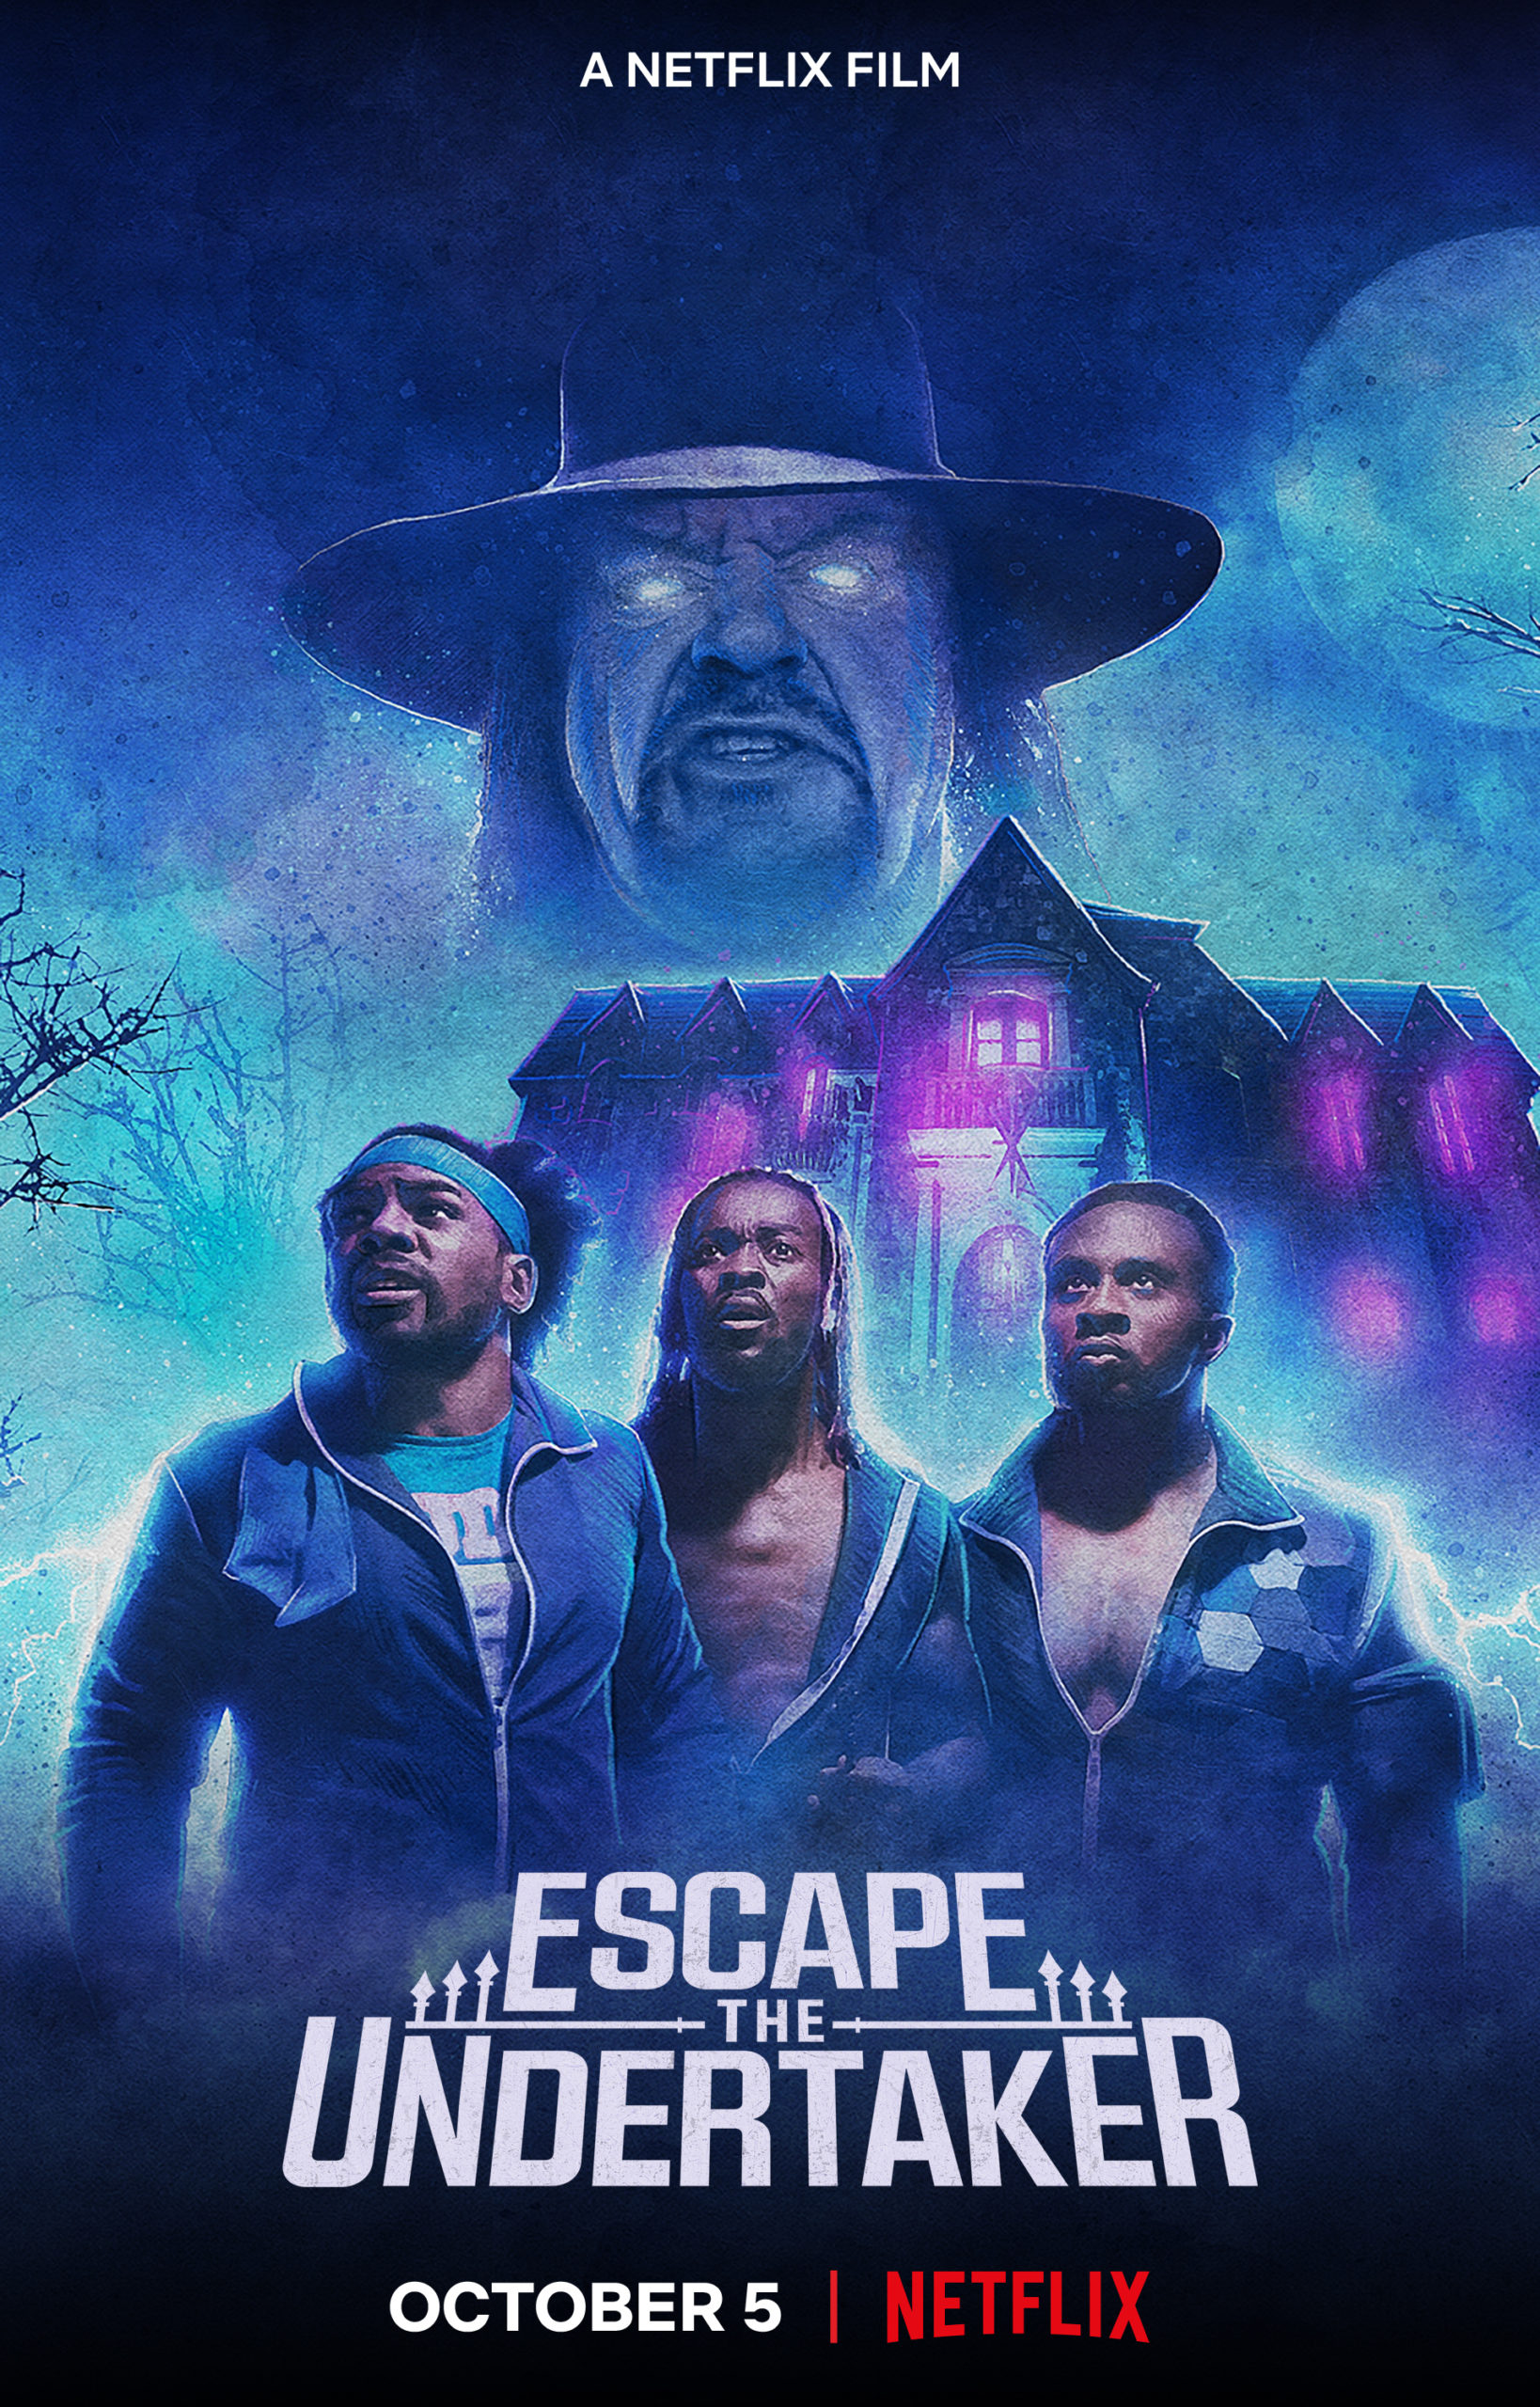 ดูหนังออนไลน์ฟรี Escape The Undertaker (2021) หนีดิอันเดอร์เทเกอร์ หนังเต็มเรื่อง หนังมาสเตอร์ ดูหนังHD ดูหนังออนไลน์ ดูหนังใหม่